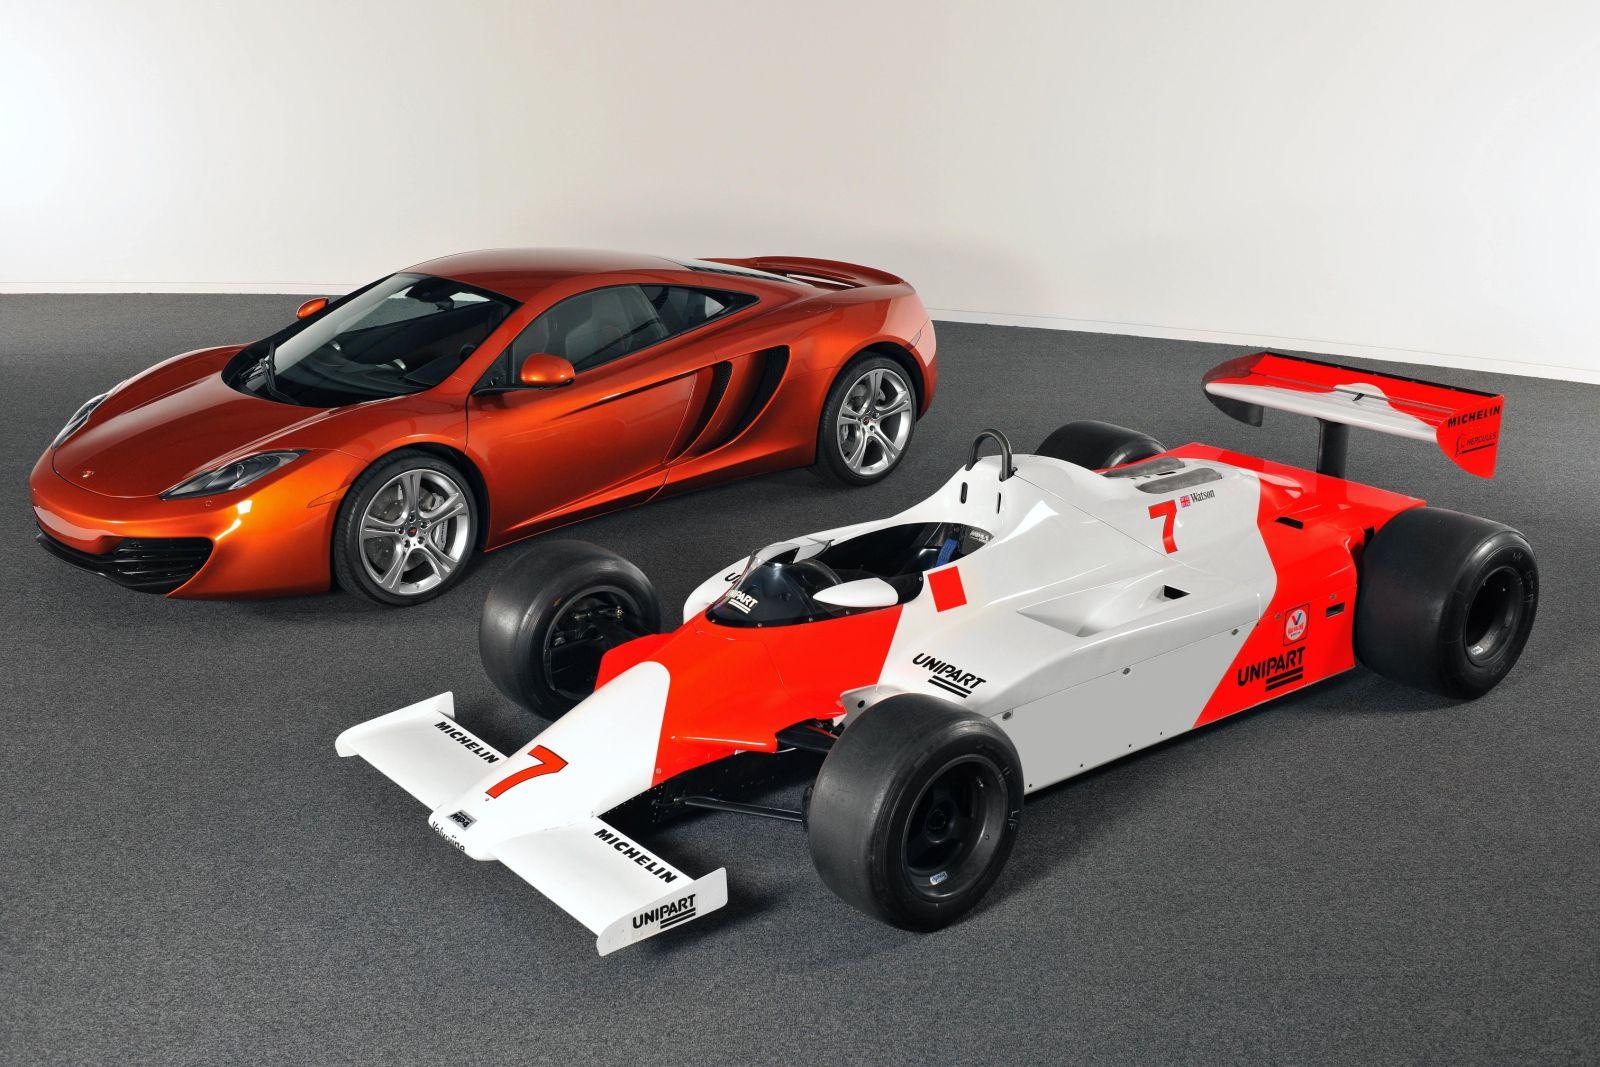 McLaren MP4-12C, rivale della Ferrari 458 Italia